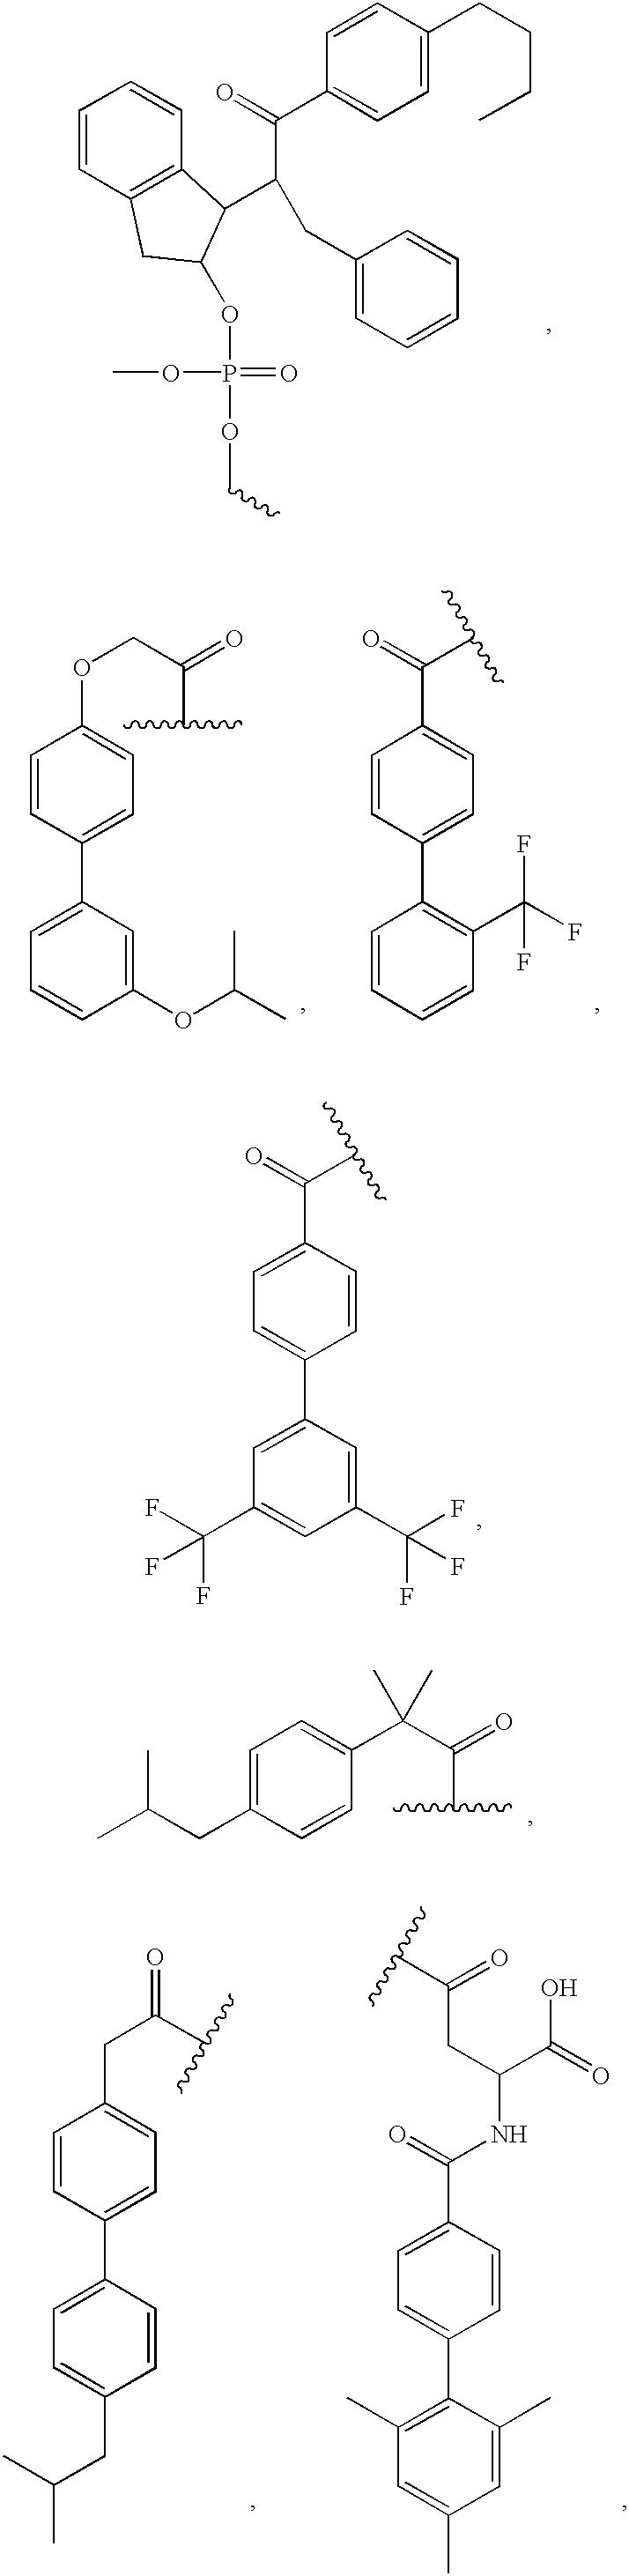 Figure US06652835-20031125-C00058